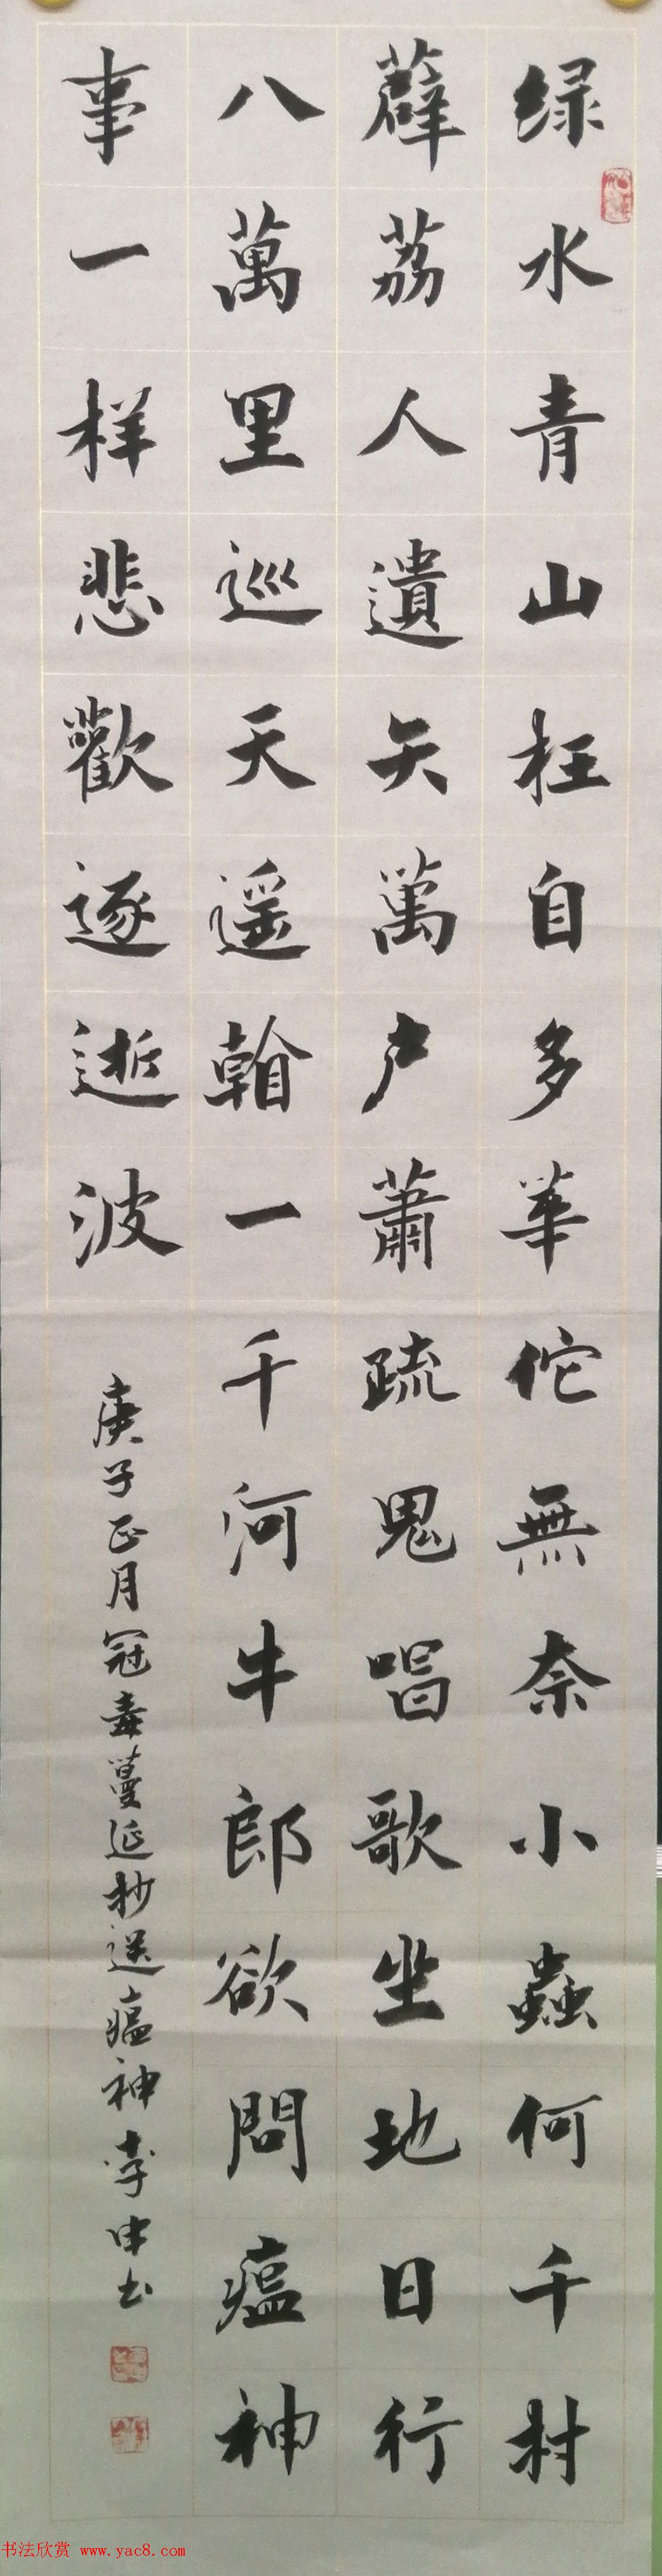 李申书法作品选刊